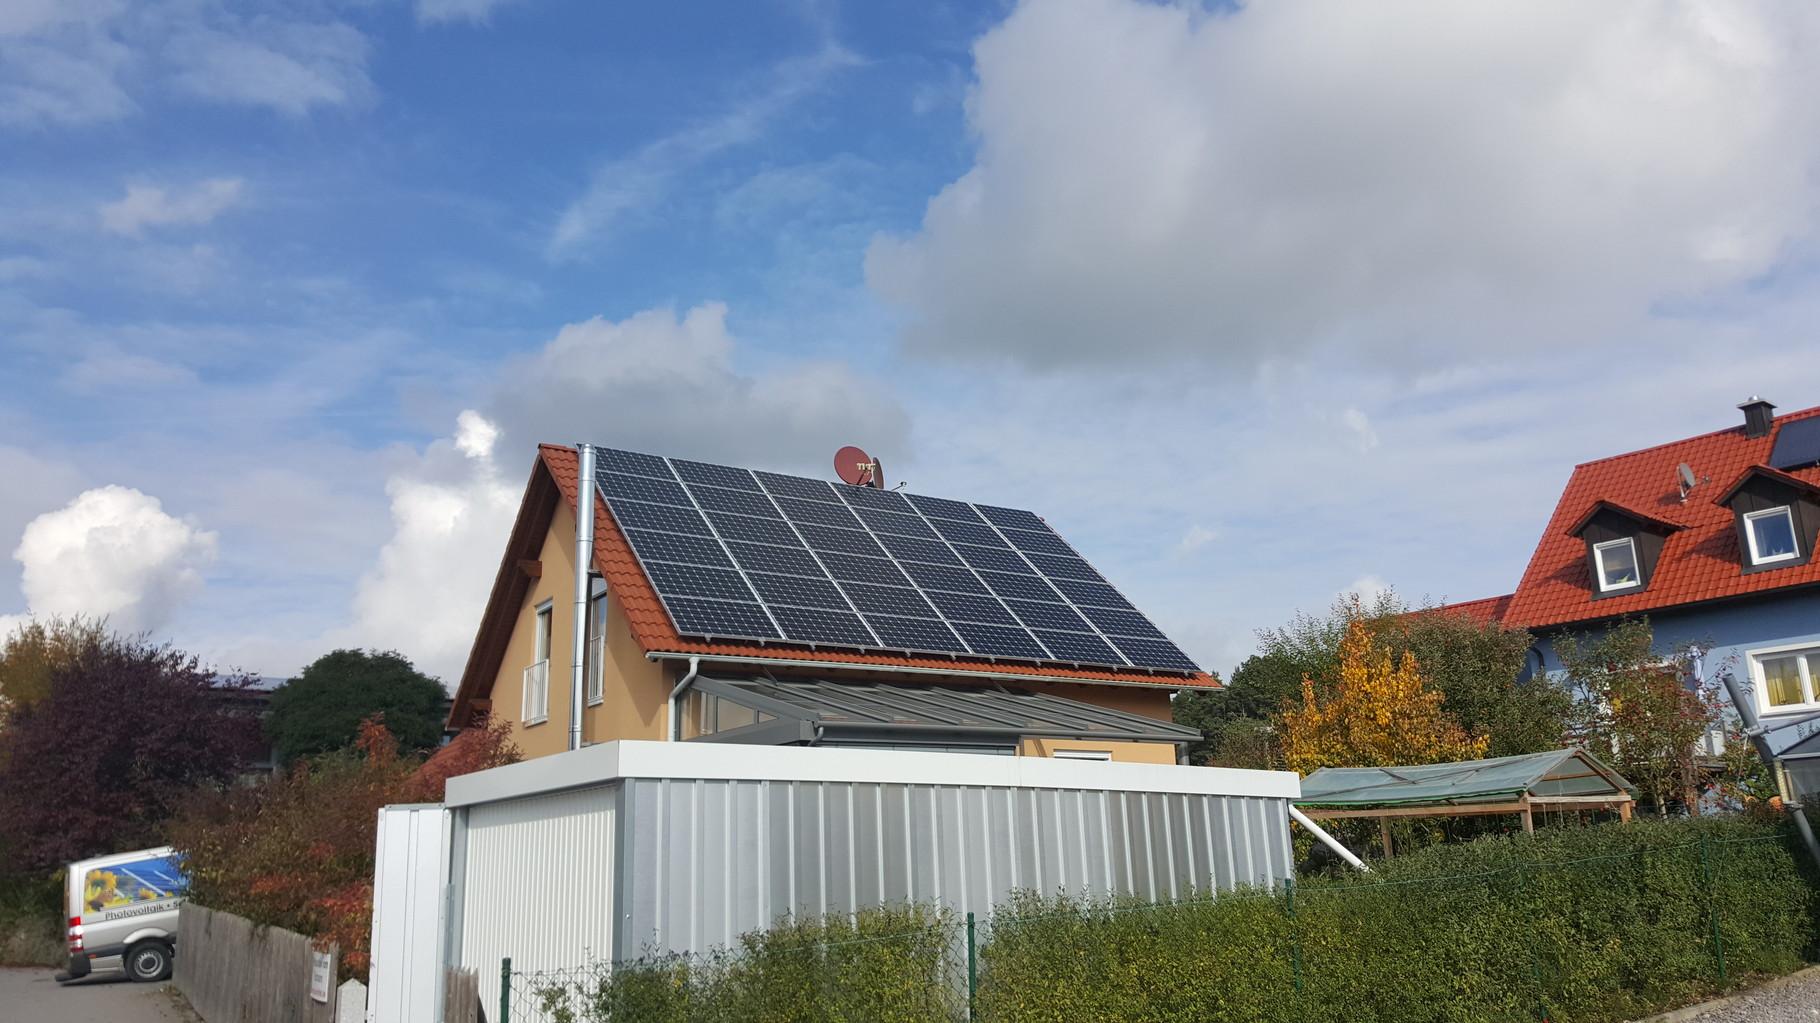 10 kWp Photovoltaikanlage 93188 Pielenhofen Aleo Modulen mit Senec  10.0 Lithium Batterie in Pielenhofen